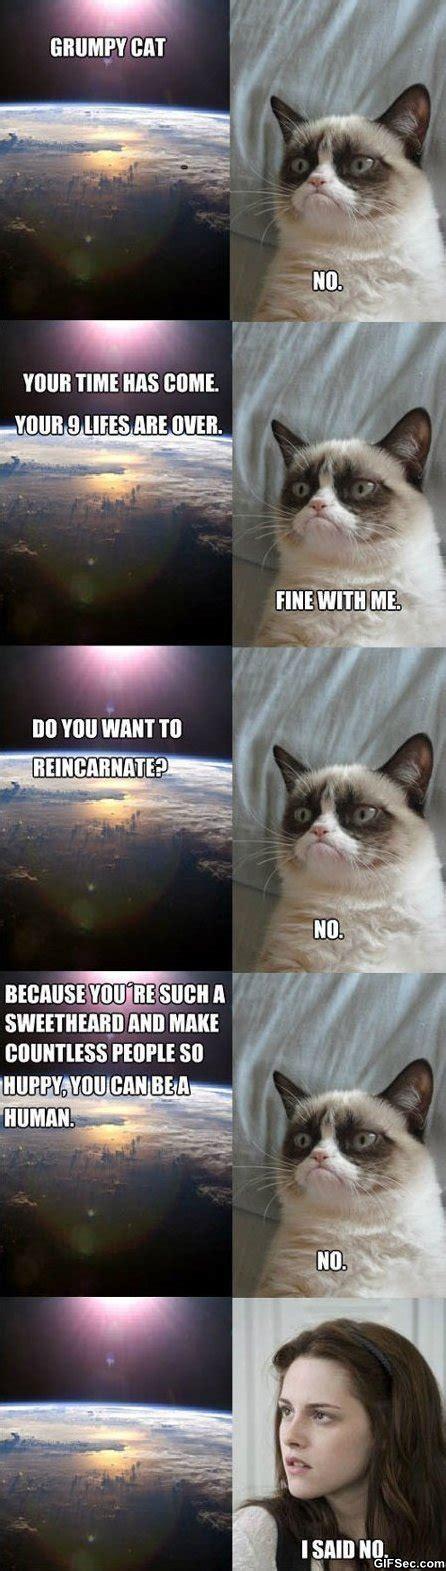 Grumpy Cat Memes - memes grumpy cat jpg